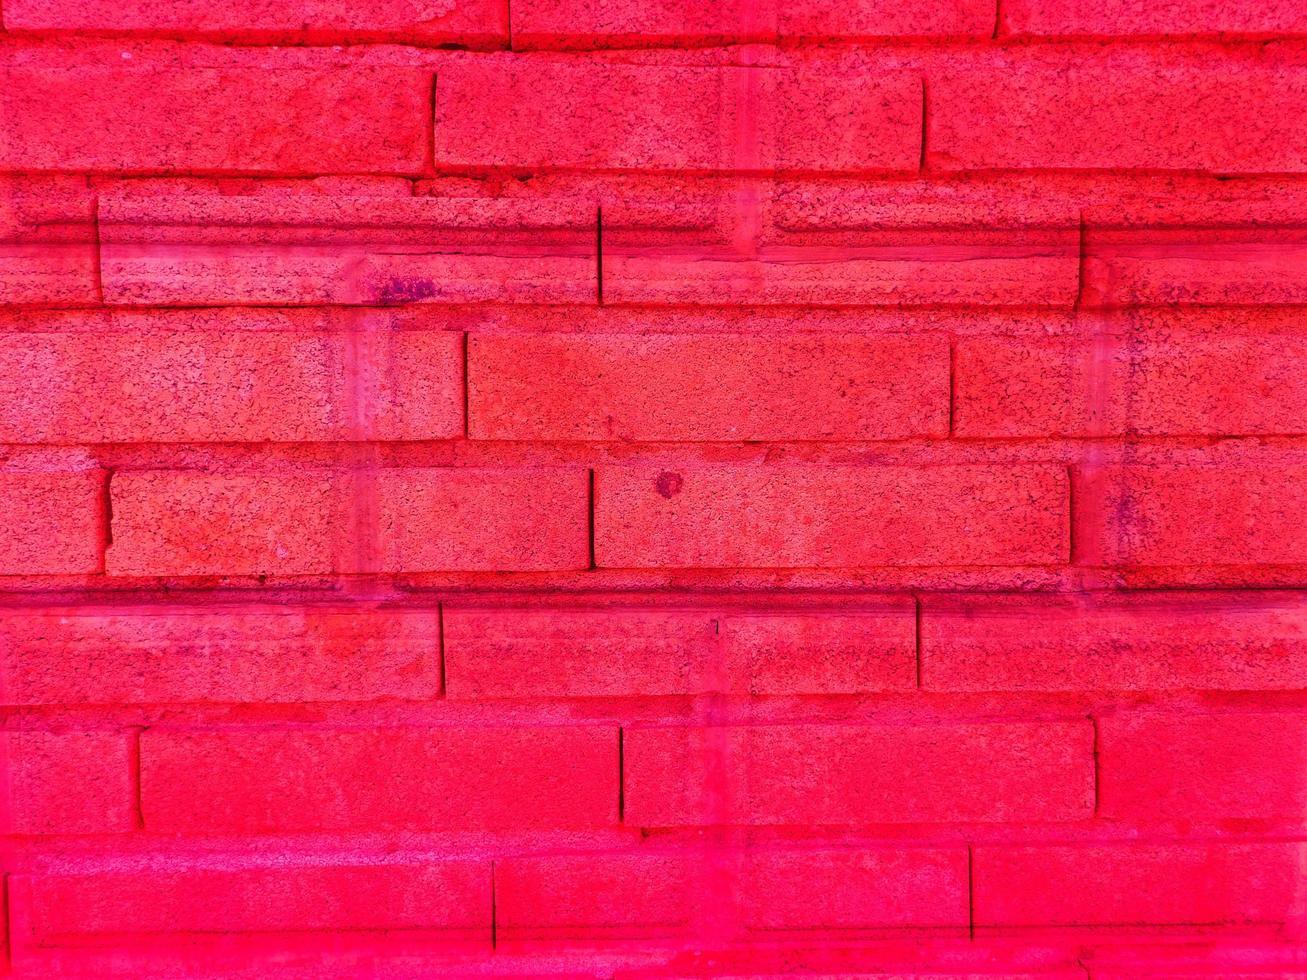 texture de pierre violette photo